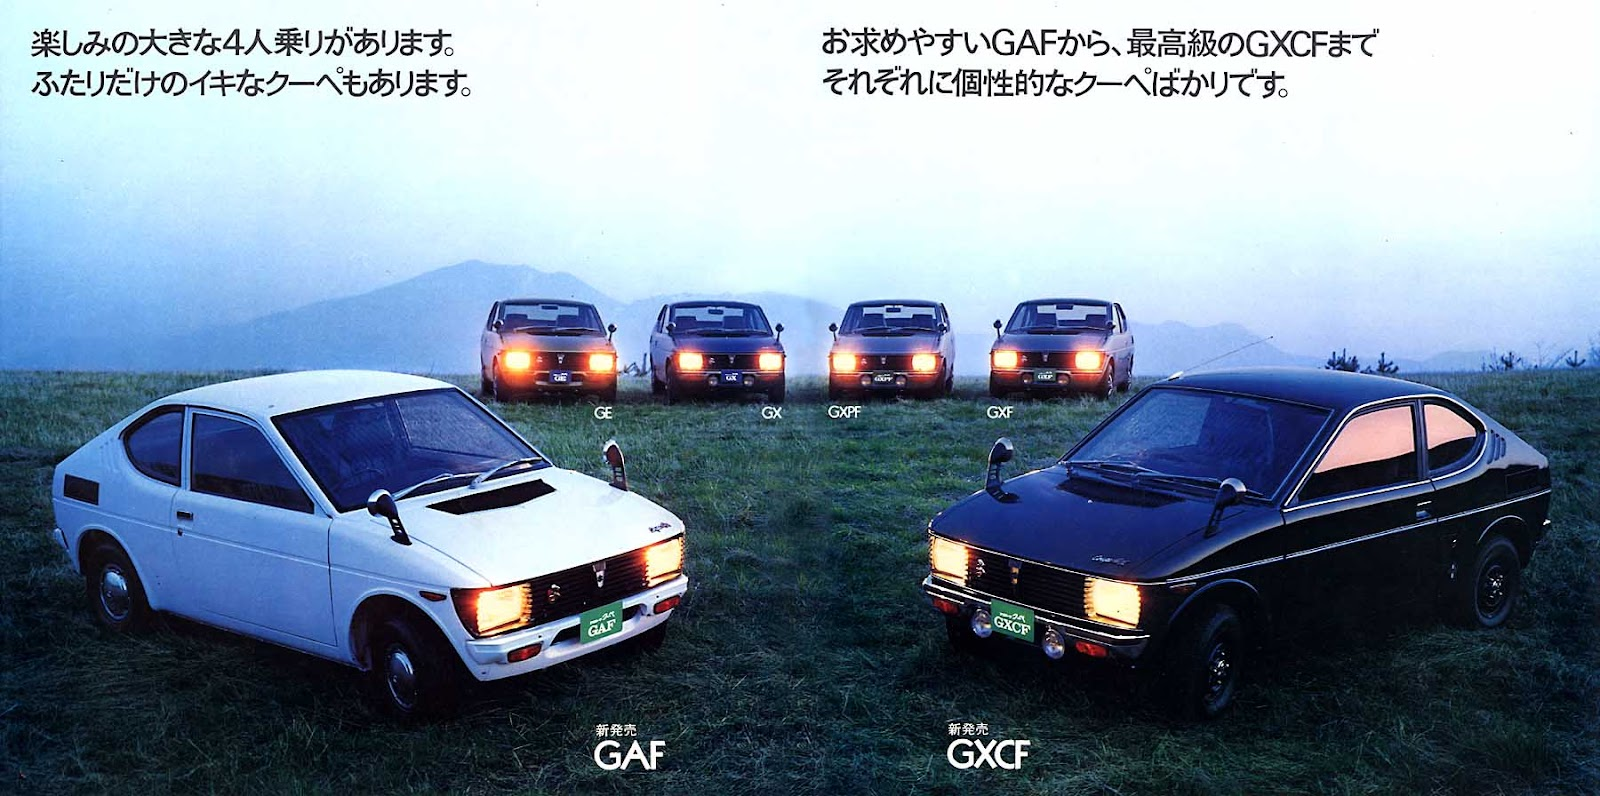 suzuki fronte coupe, kei car, małe samochody, fajne małe auta, niewielkie silniki, klasyki z japonii